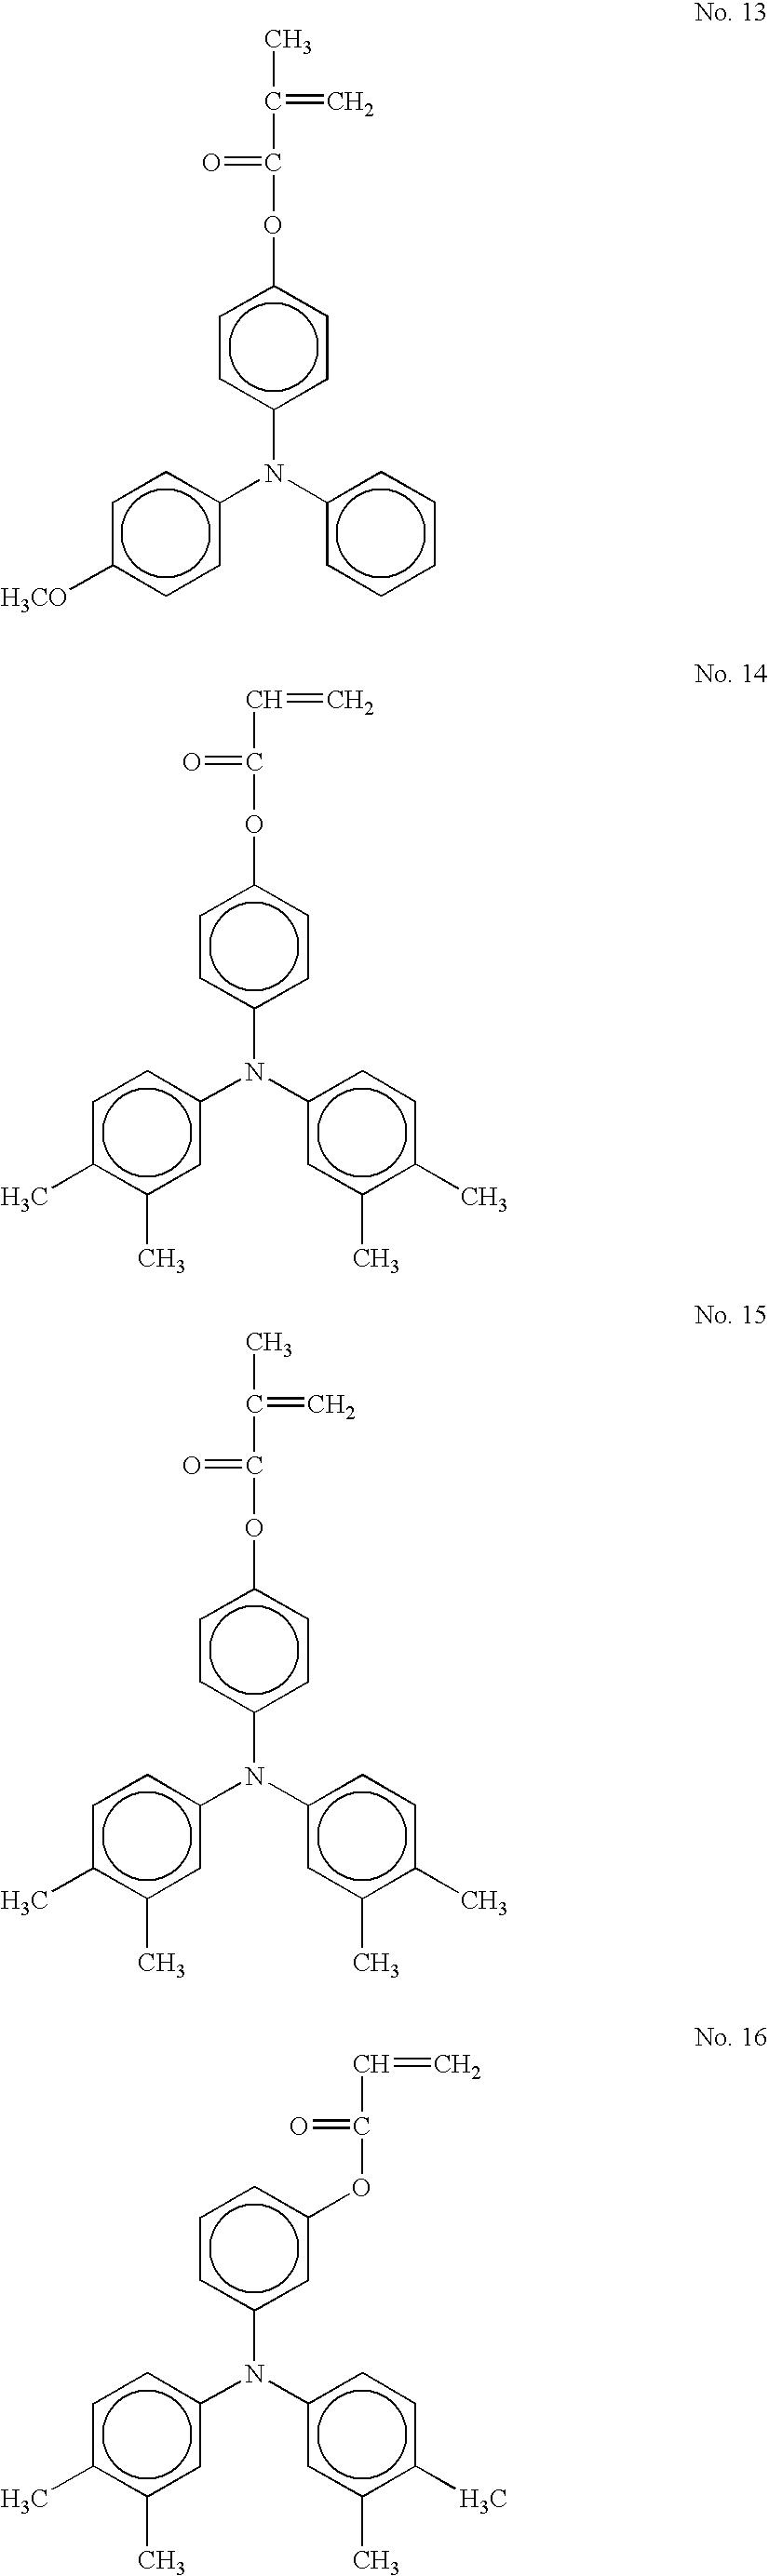 Figure US20050175911A1-20050811-C00009